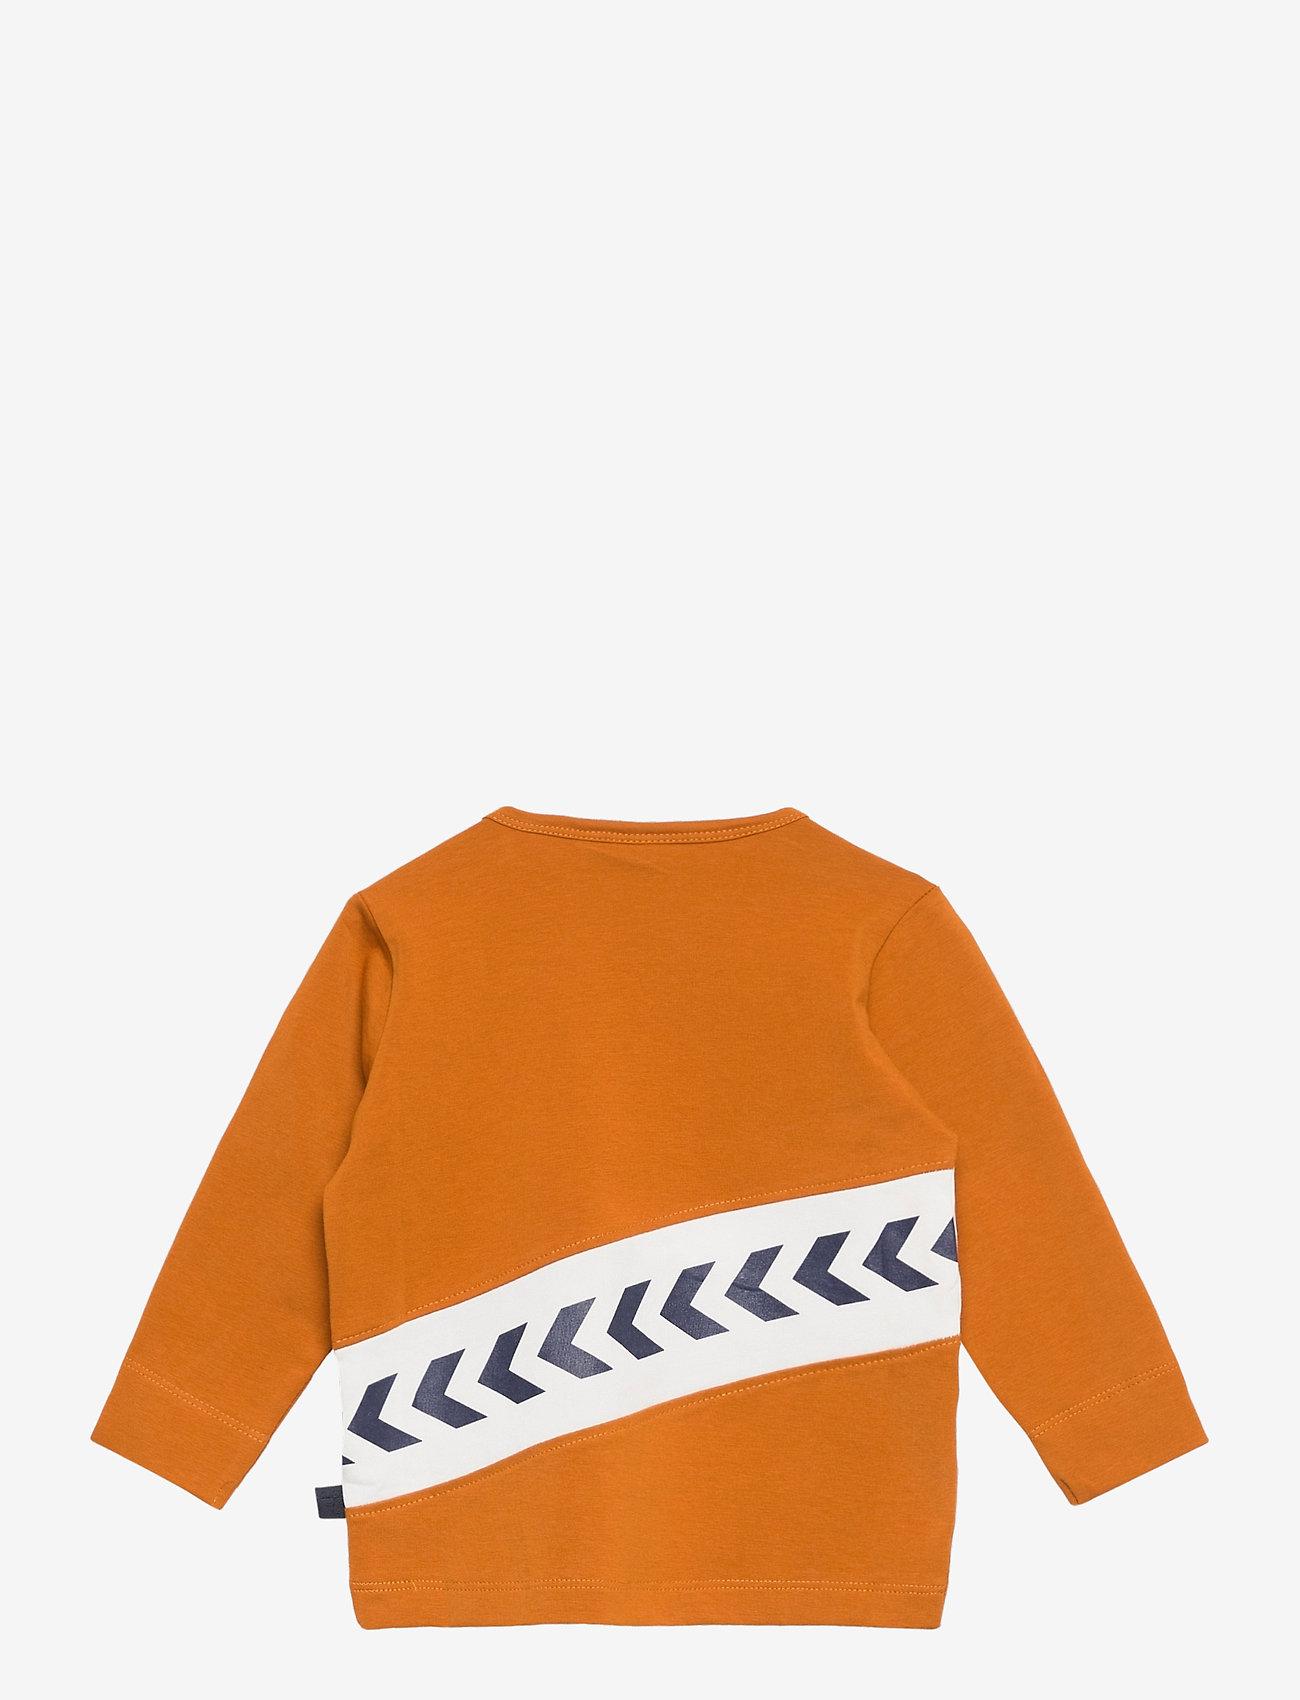 Hmlclement T-shirt L/s (Pumpkin Spice) (18.36 €) - Hummel GyGdq